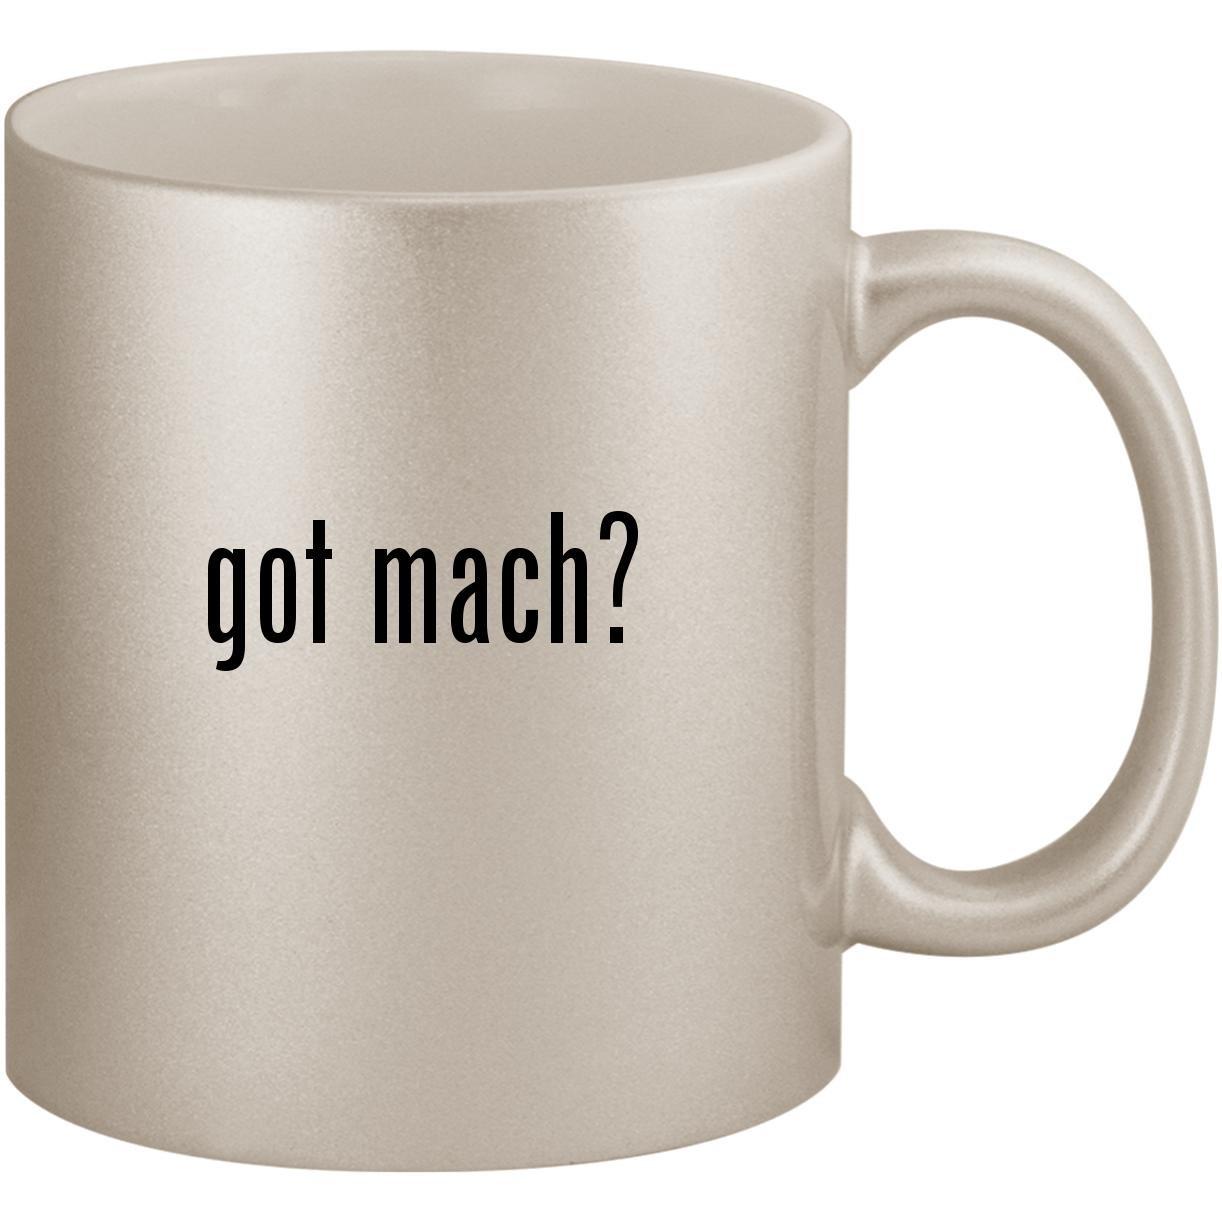 got mach? - 11oz Ceramic Coffee Mug Cup, Silver